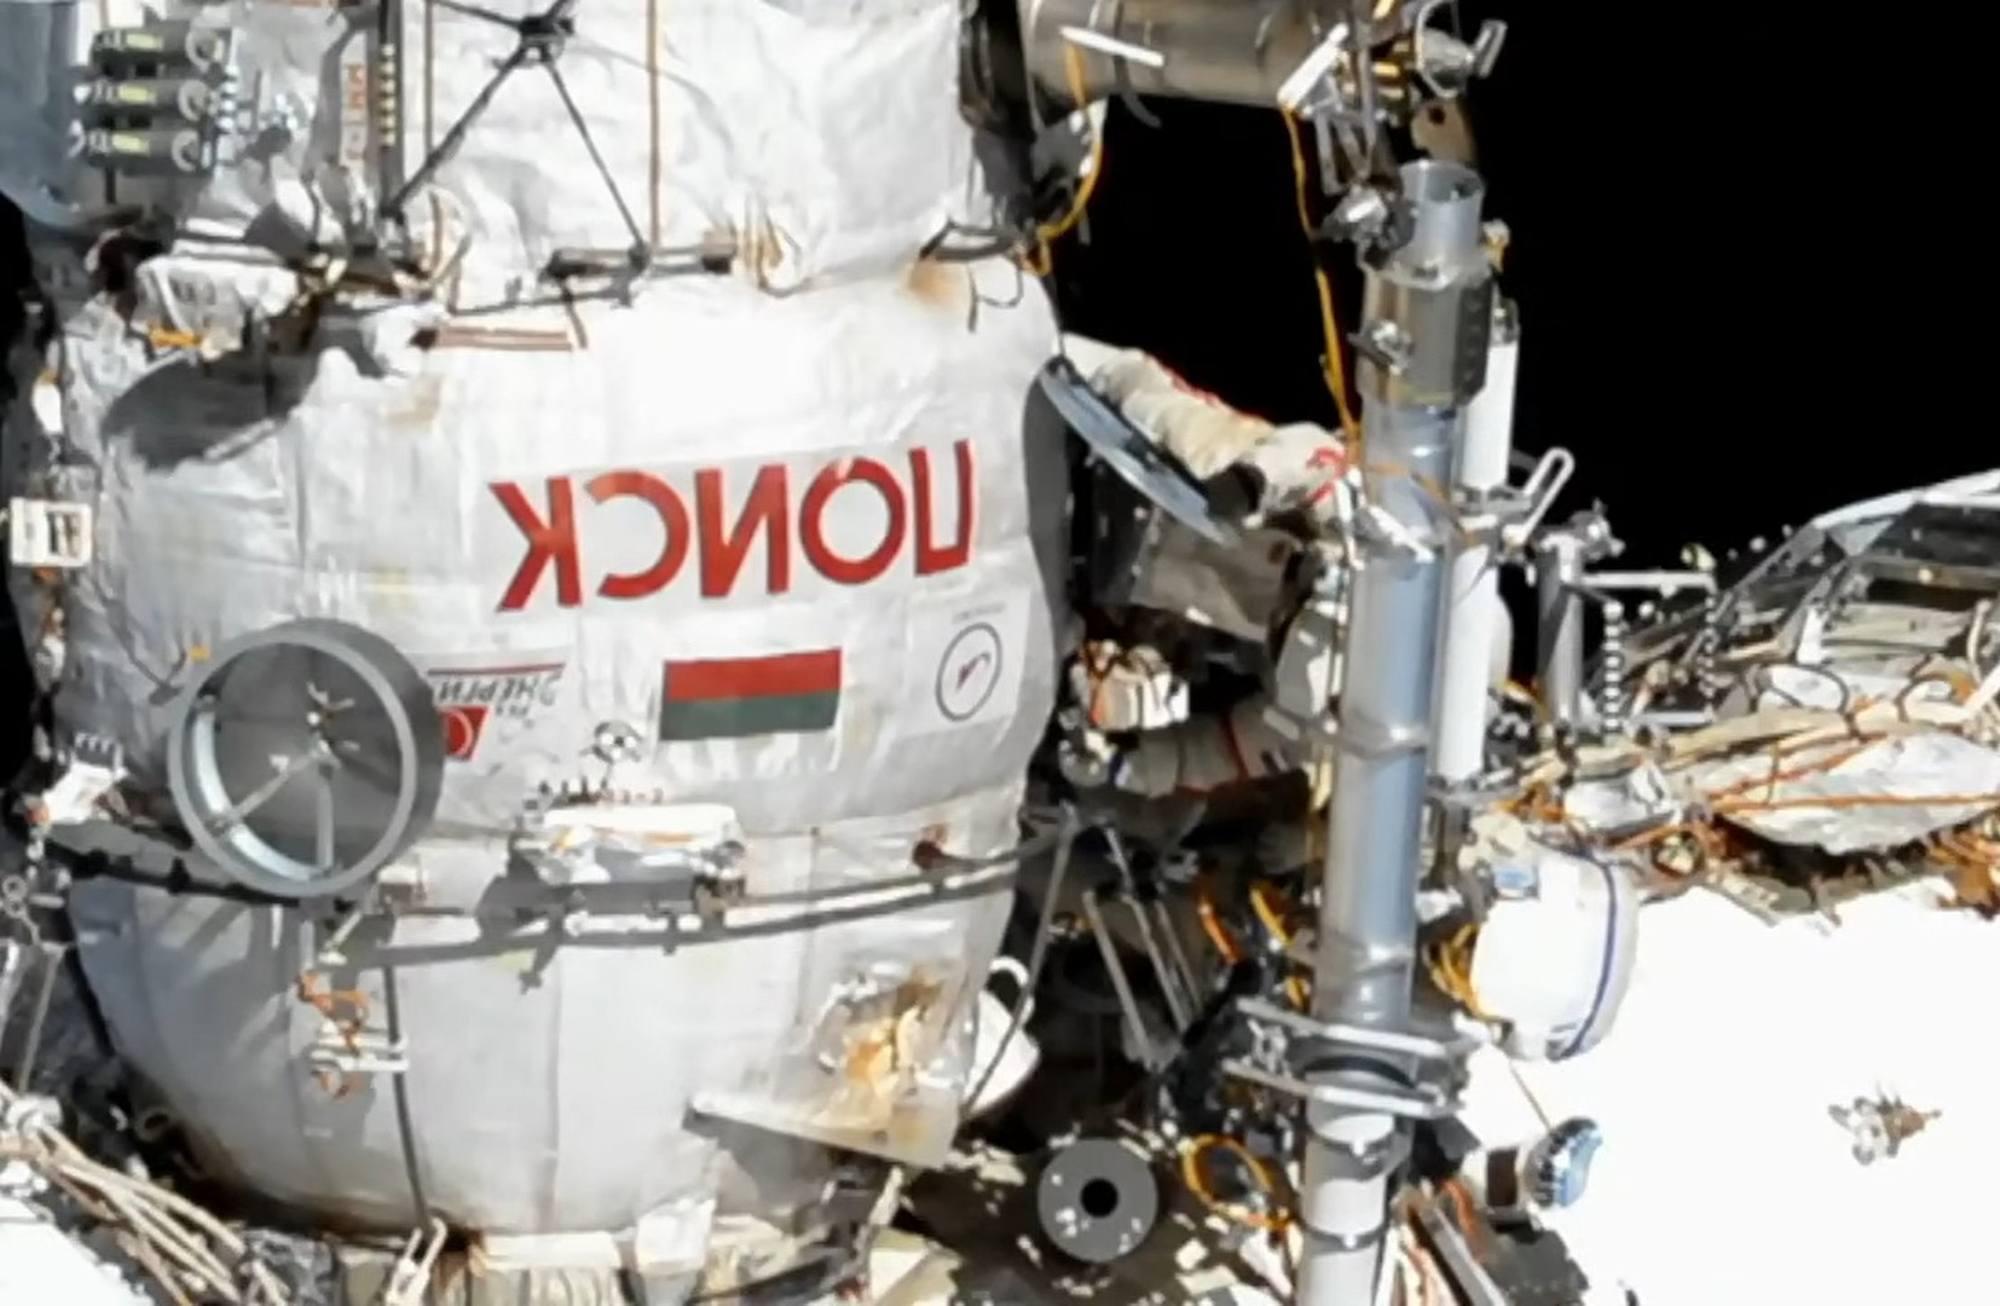 La sortie extra-véhiculaire s'est réalisée à partir du module Poisk.